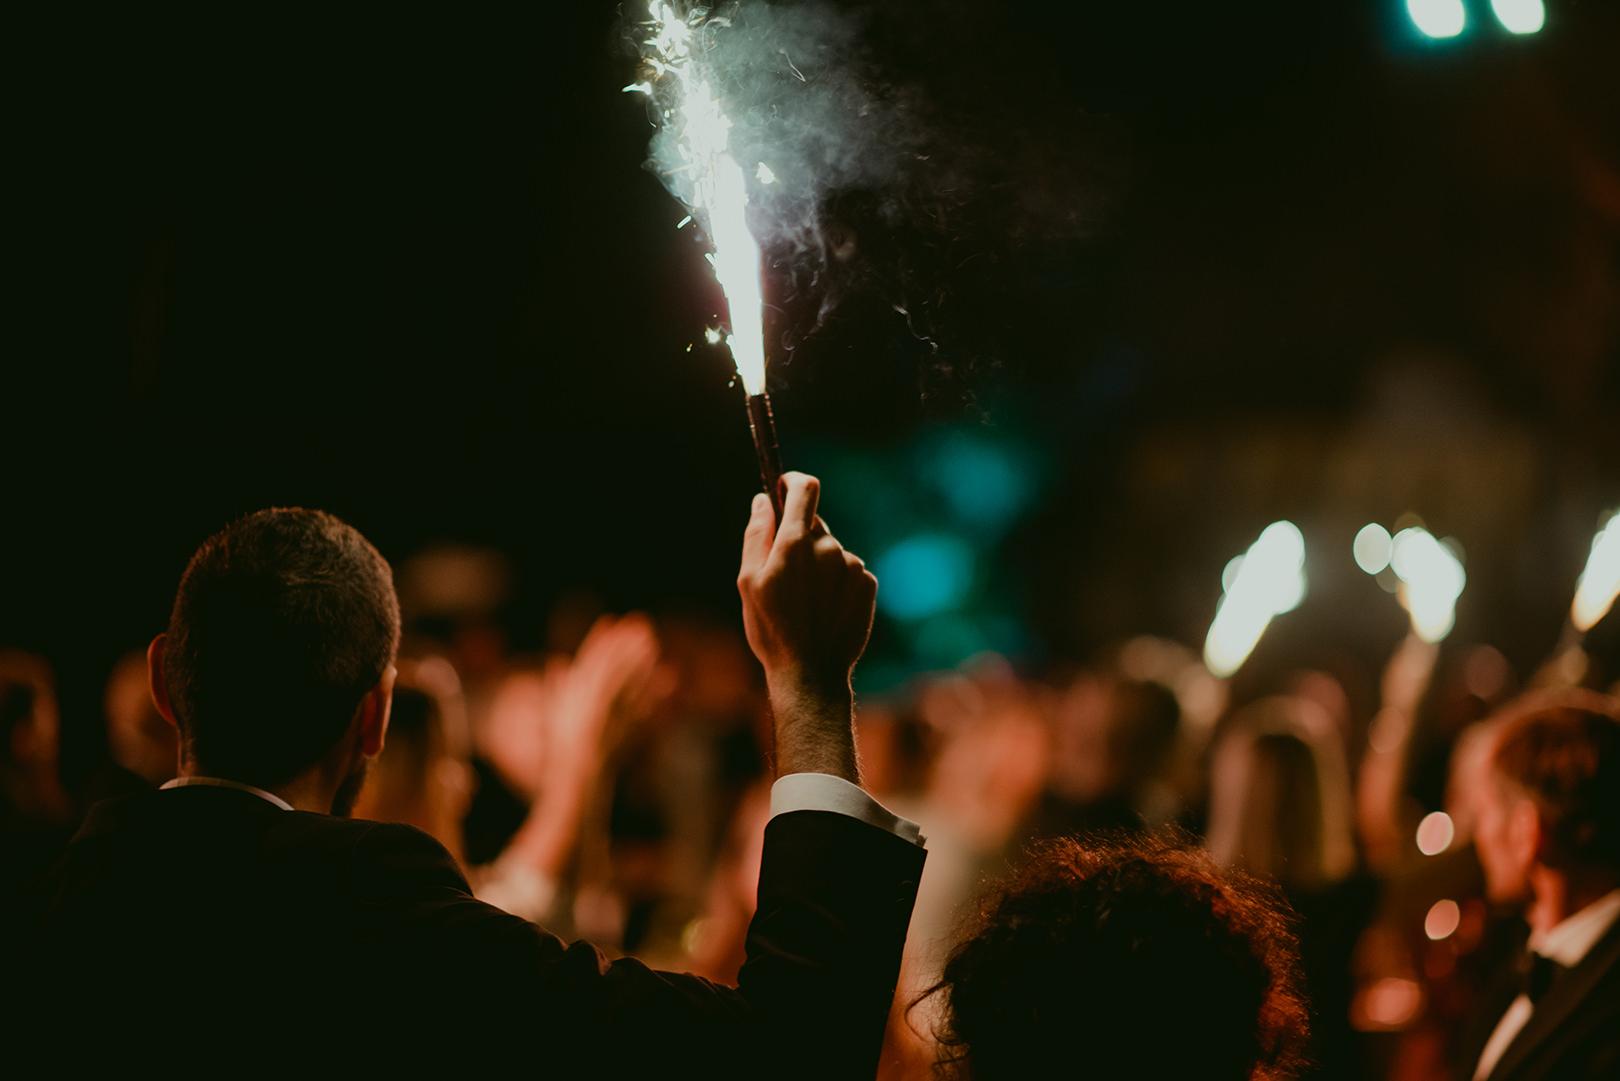 Wedding celebration at Chateau de la Napoule in Cannes